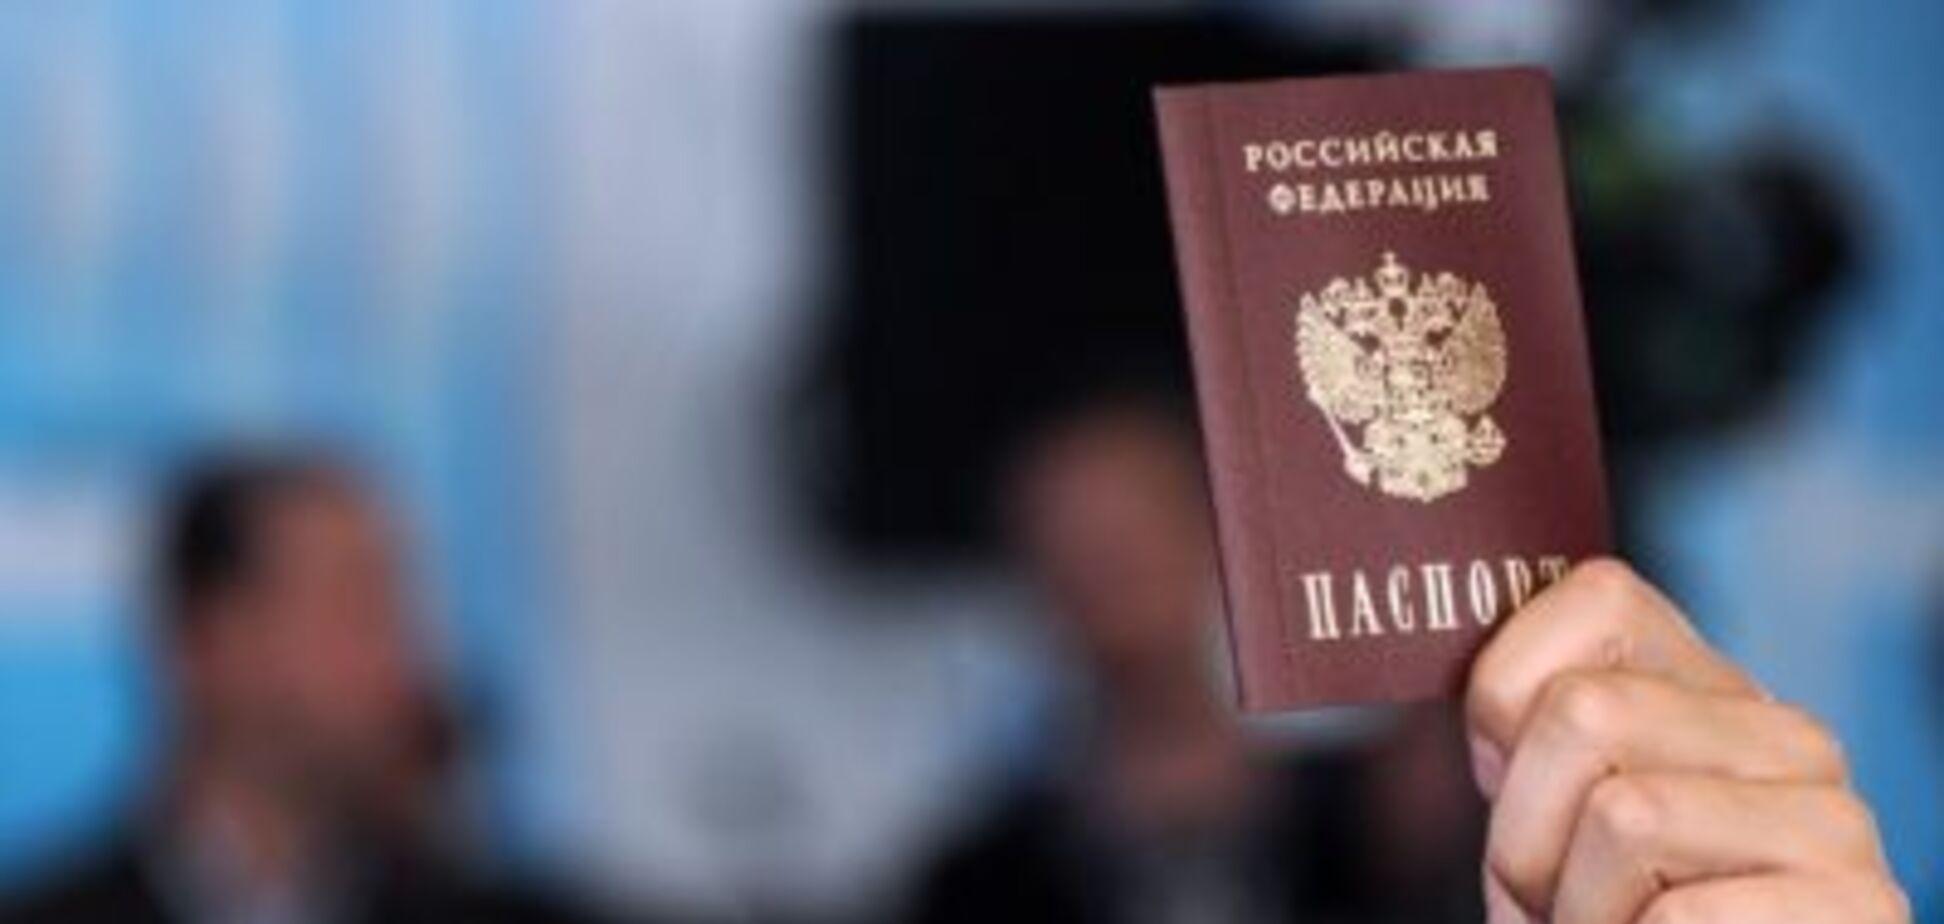 Выдача российских паспортов в 'Л/ДНР': появились скандальные подробности